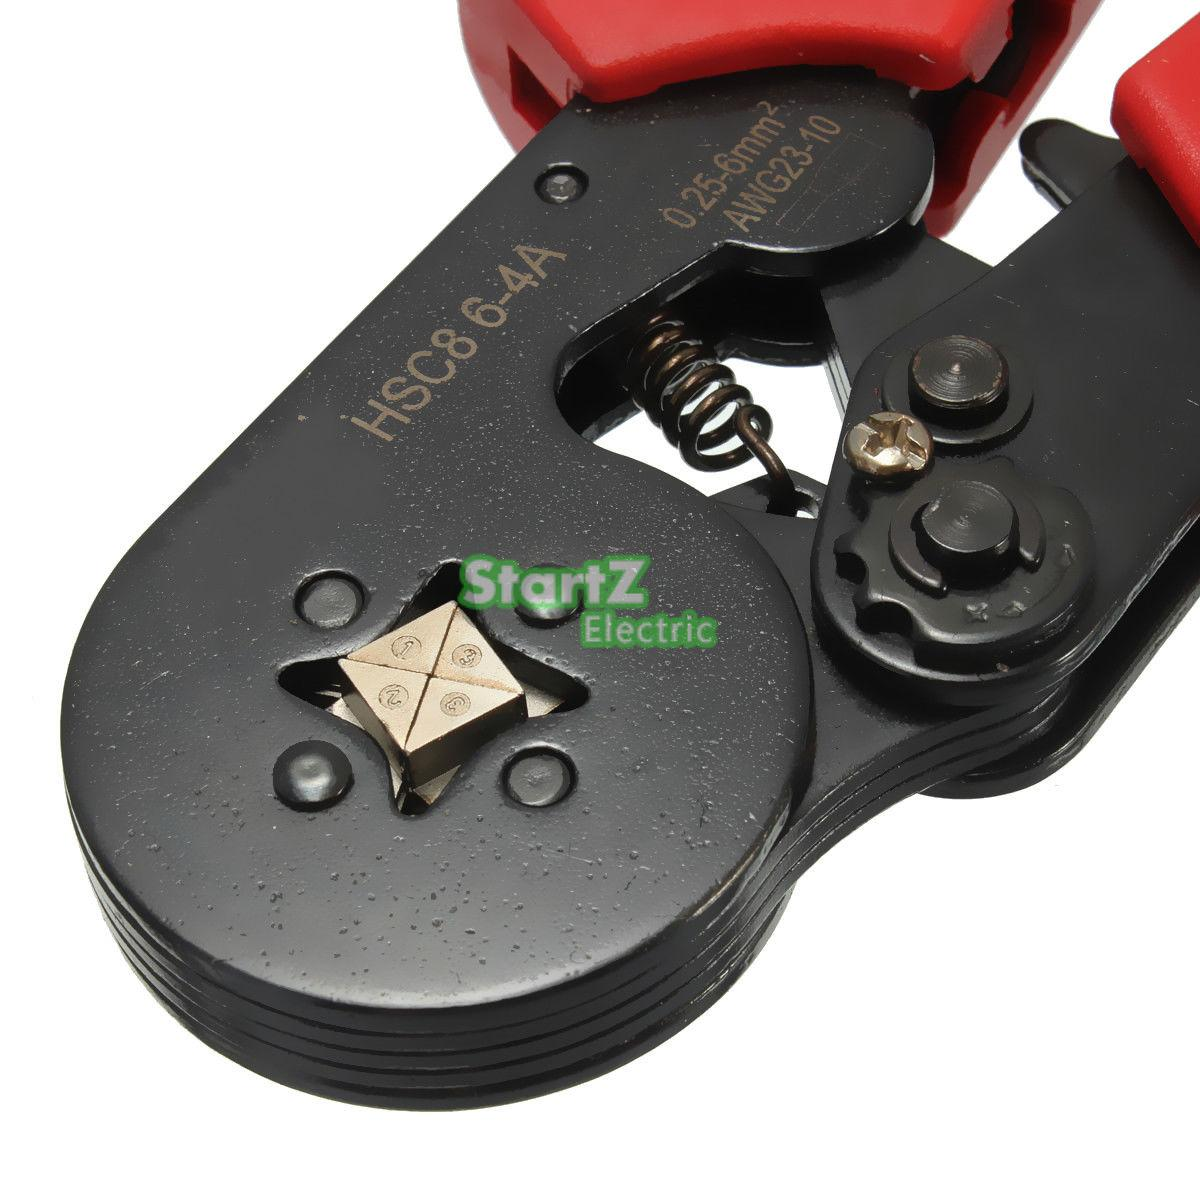 AWG23-10 Self Adjusting Ratcheting Ferrule Crimper HSC8 6-4A 0.25-6mm²